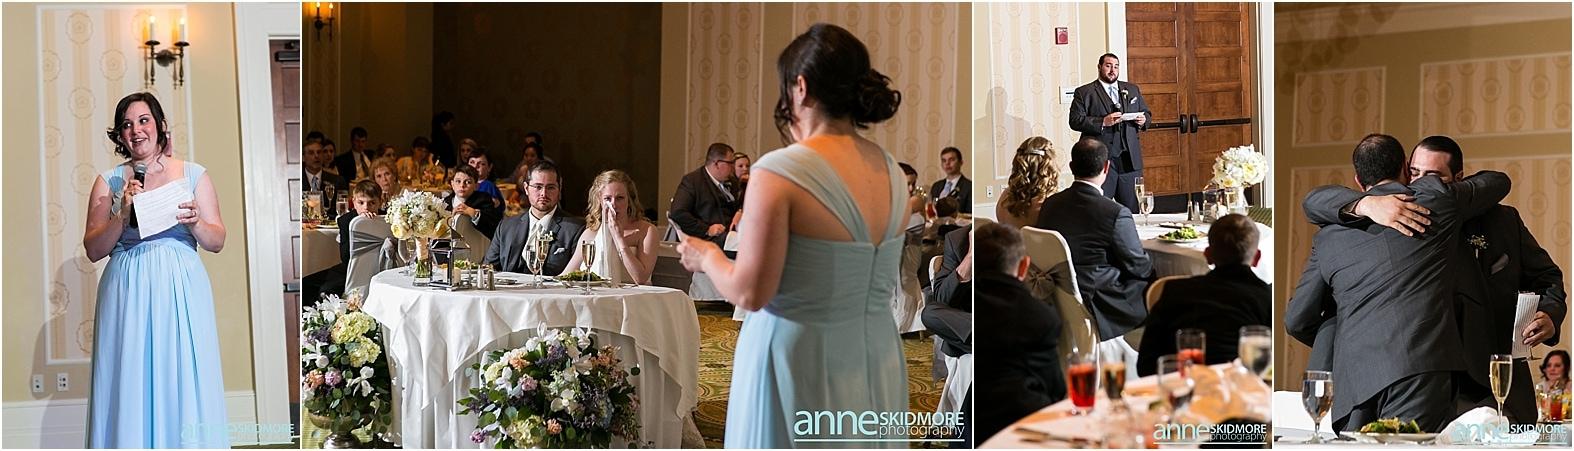 Mount_Washington_Hotel_Wedding_0046